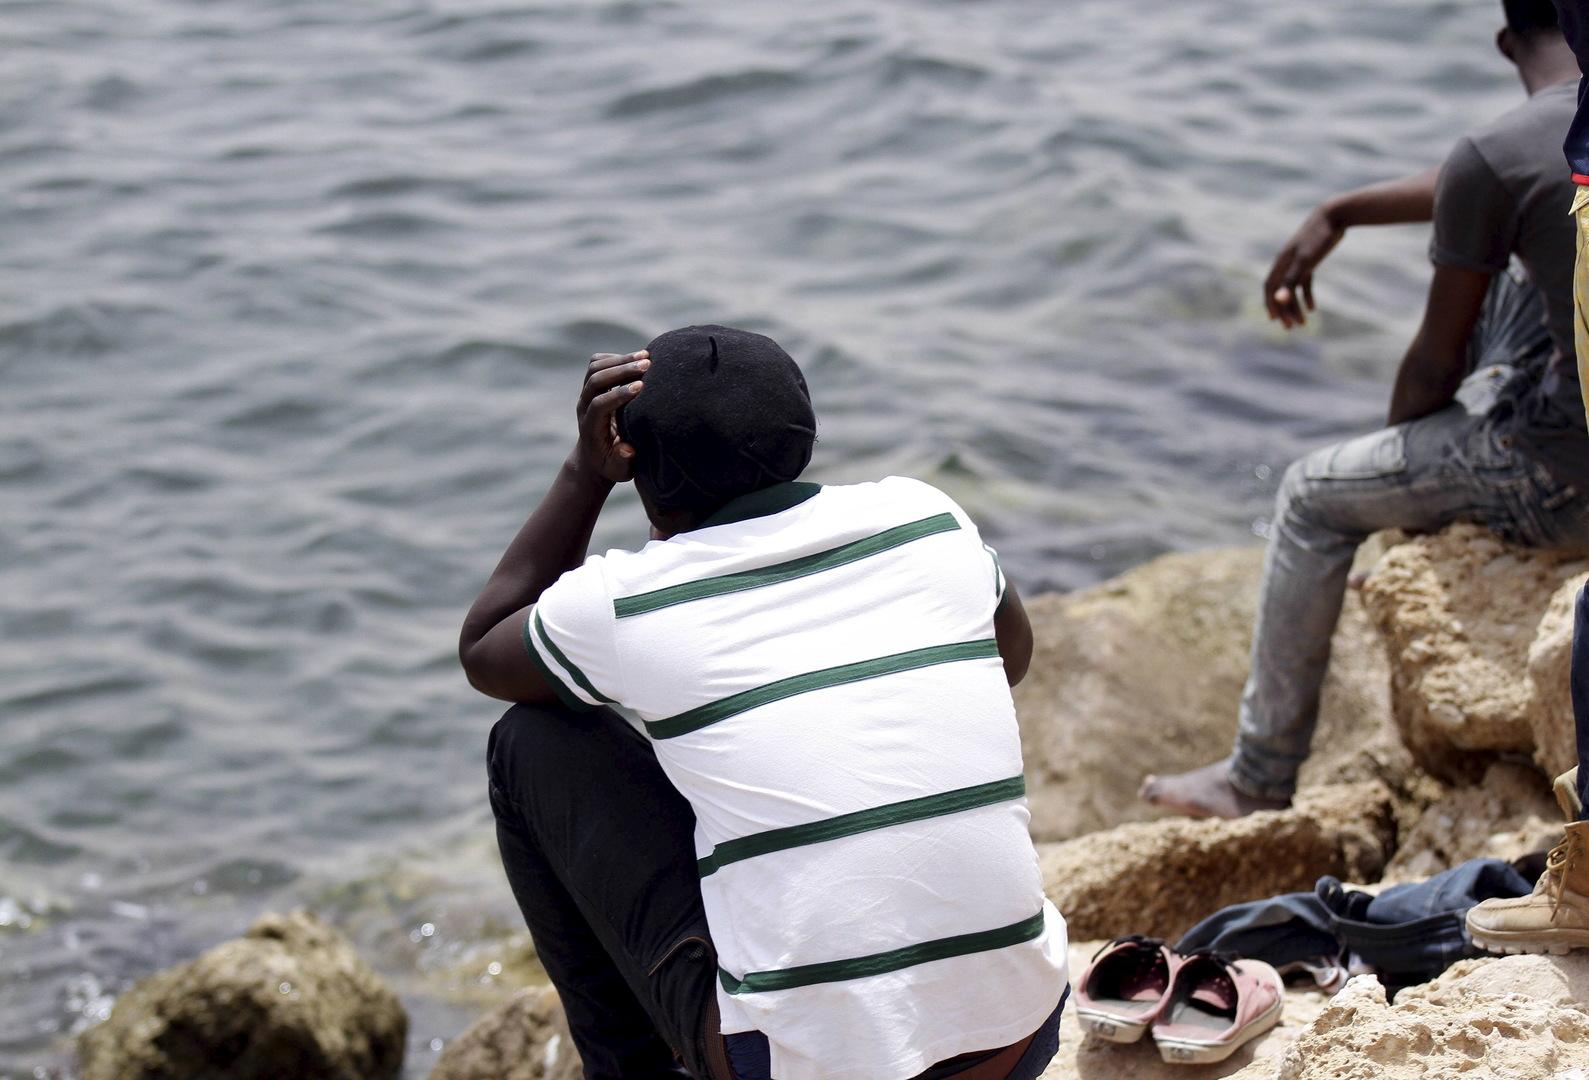 تونس.. انتشال 20 جثة لمهاجرين قبالة شواطئ صفاقس